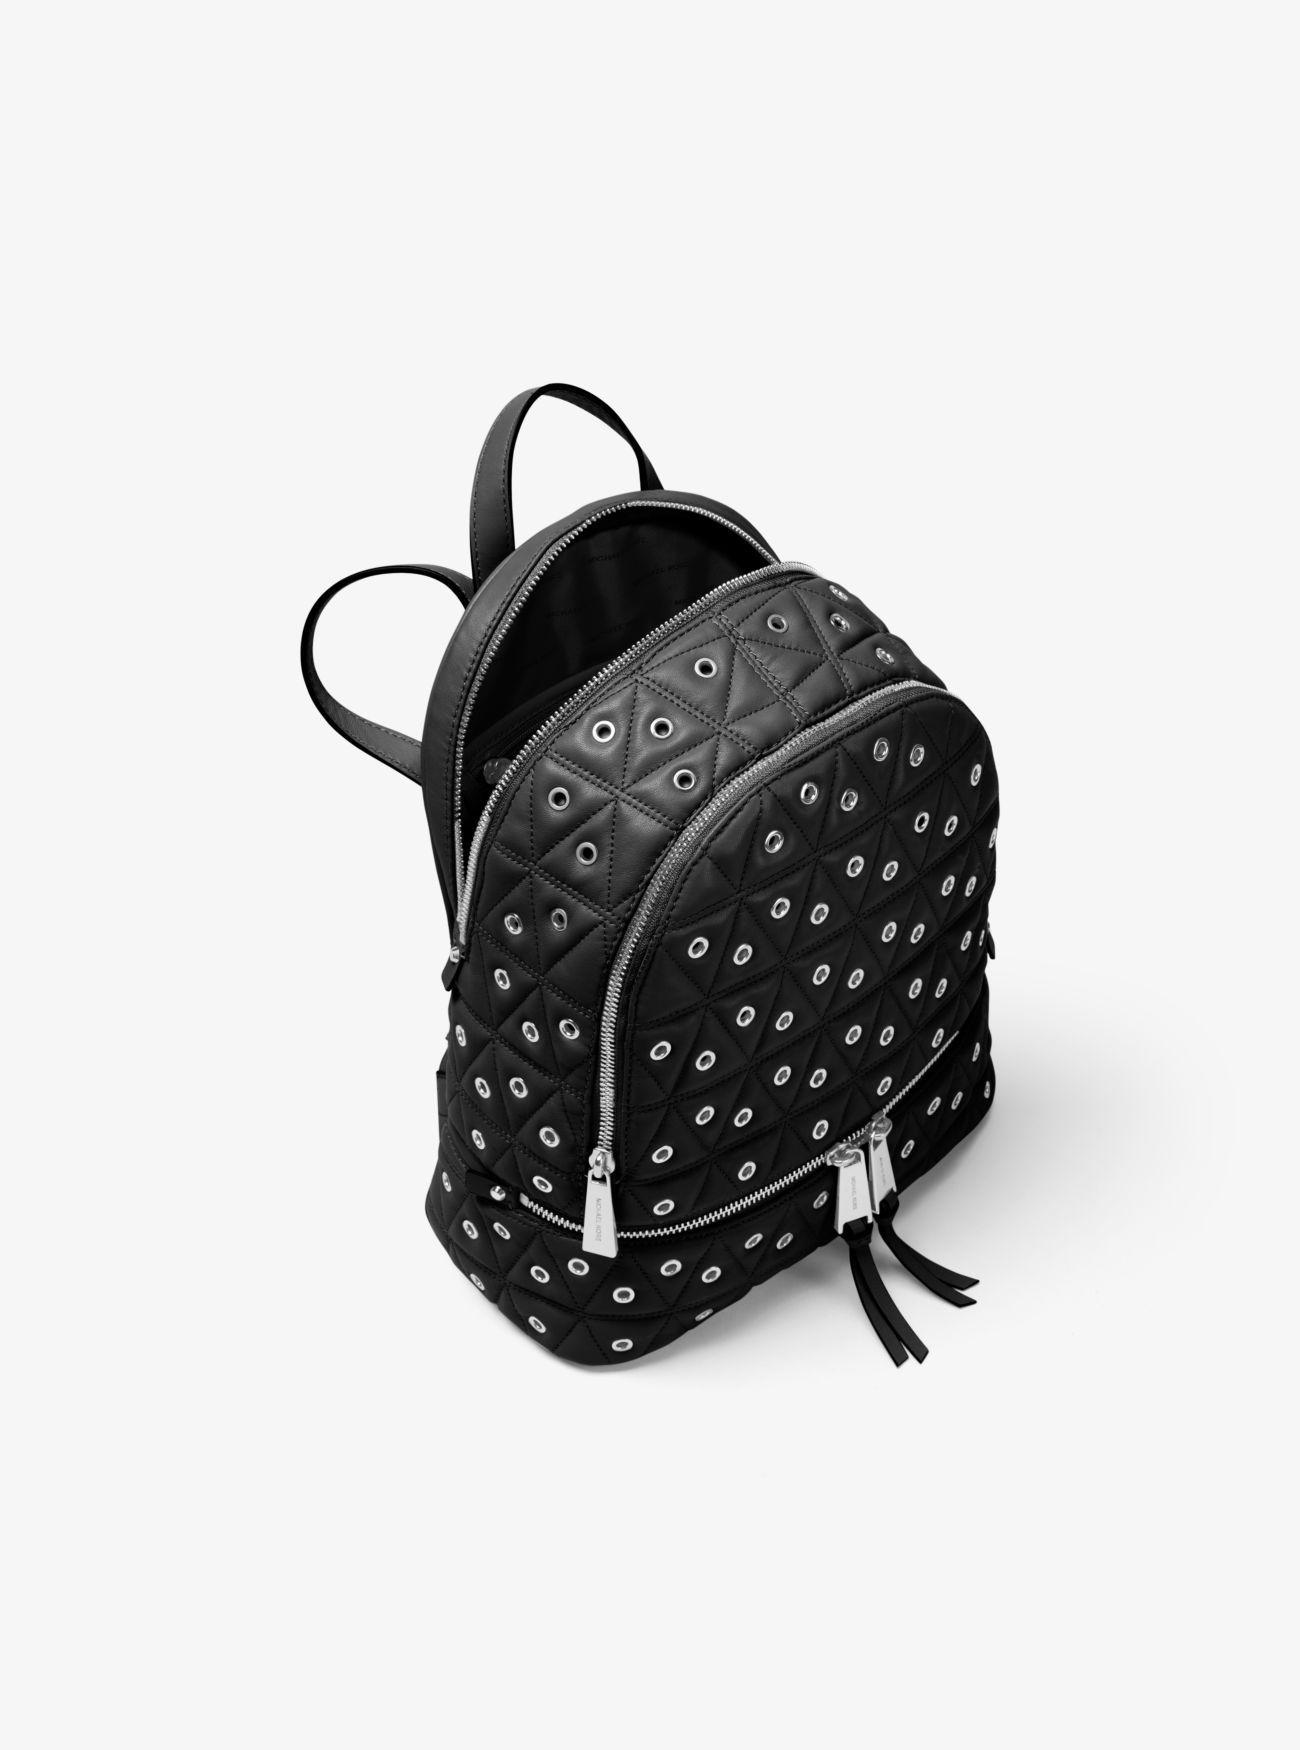 Michael Kors Rhea Medium Grommeted Leather Backpack in Black